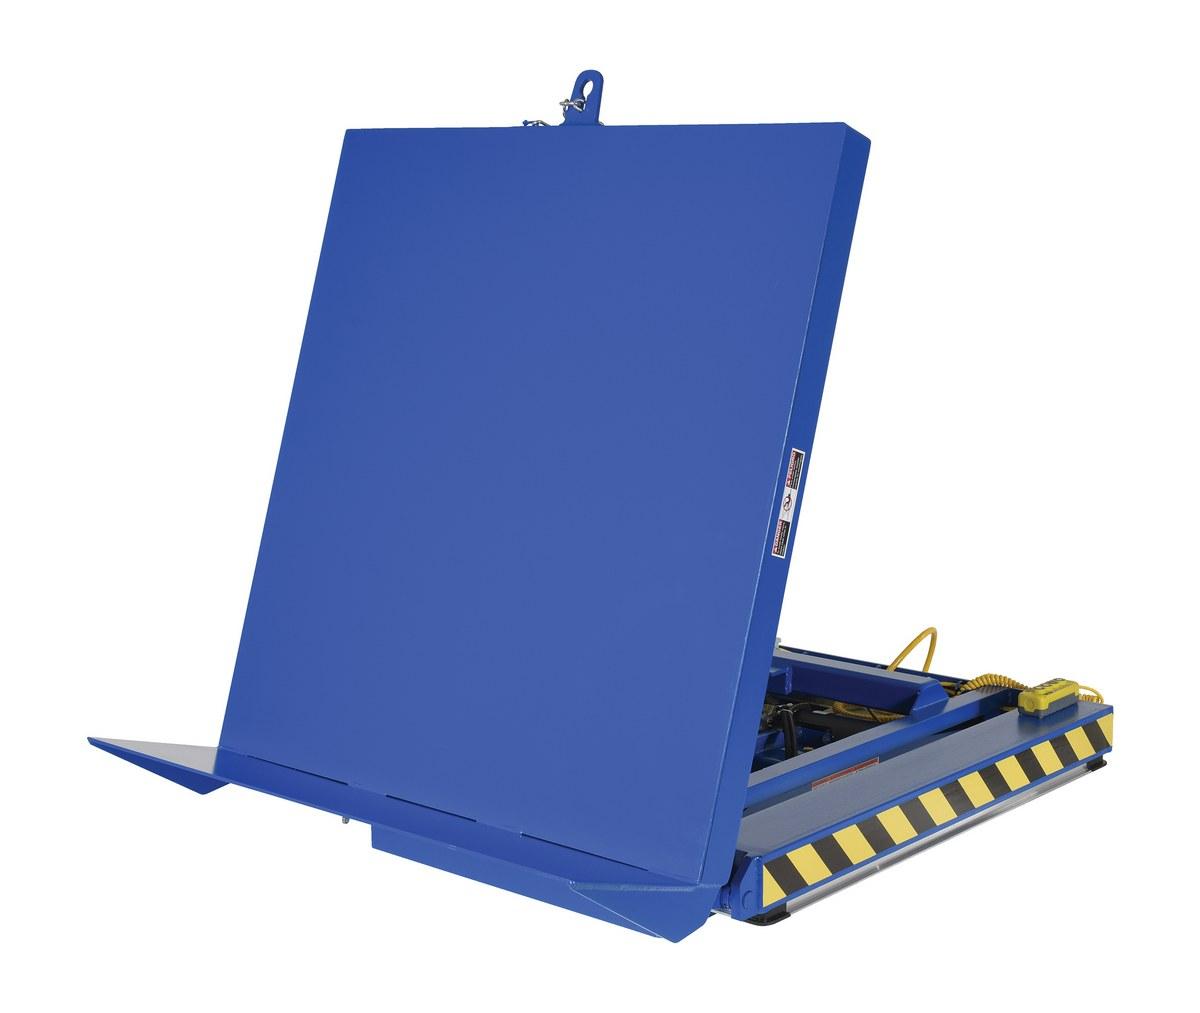 Vestil EHLTT-H-4848-2-47 Lift and Tilt Table